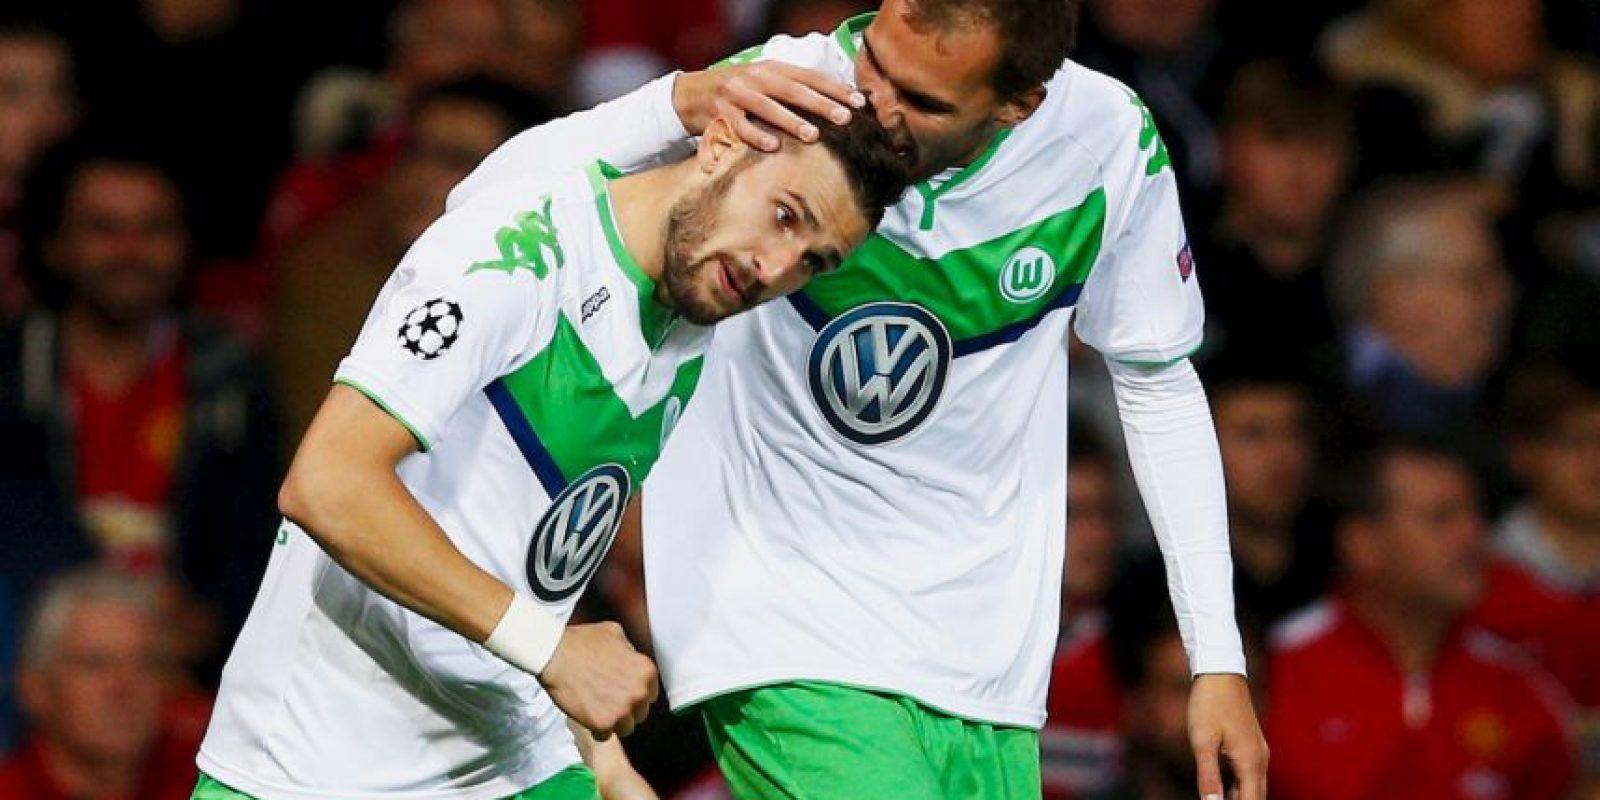 Con 9 puntos, los alemanes son primeros de grupo. Foto:Getty Images